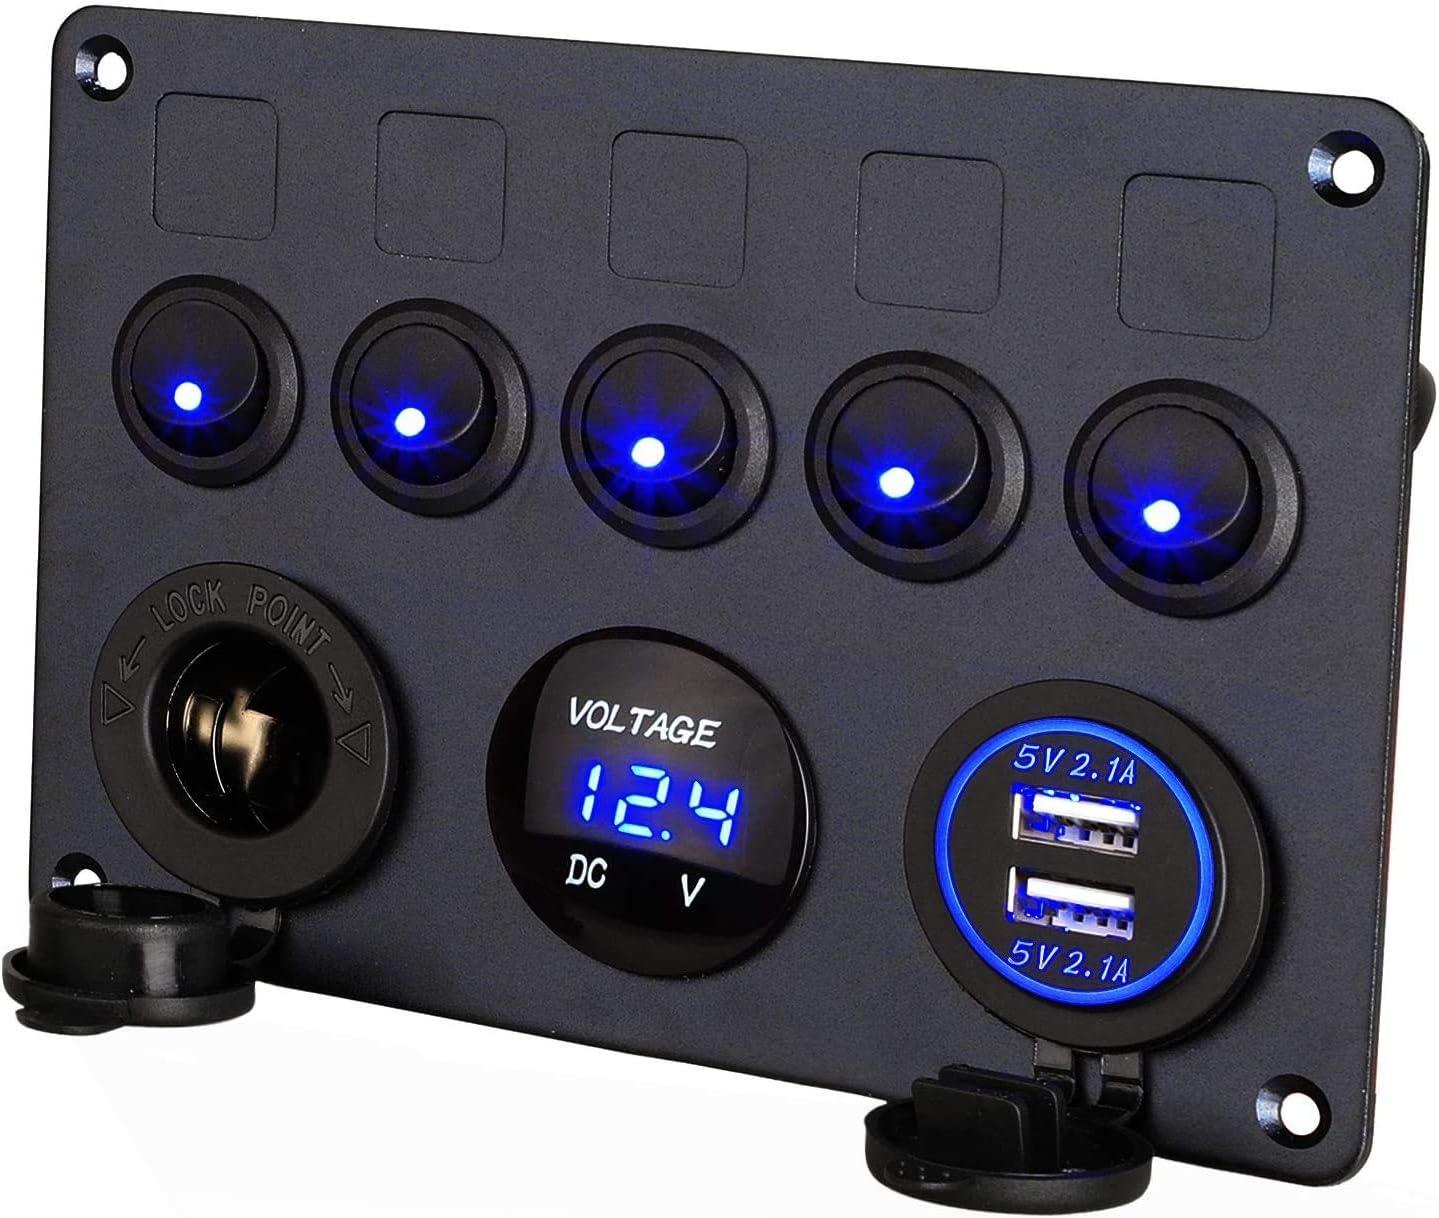 Thlevel Panel de Control de Interruptor de 5 pandillas LED Rocker 12V / 24V Coche Barco Vehículo Panel de Interruptor basculante Marine 2 USB y voltímetro Encendedor de Cigarrillos